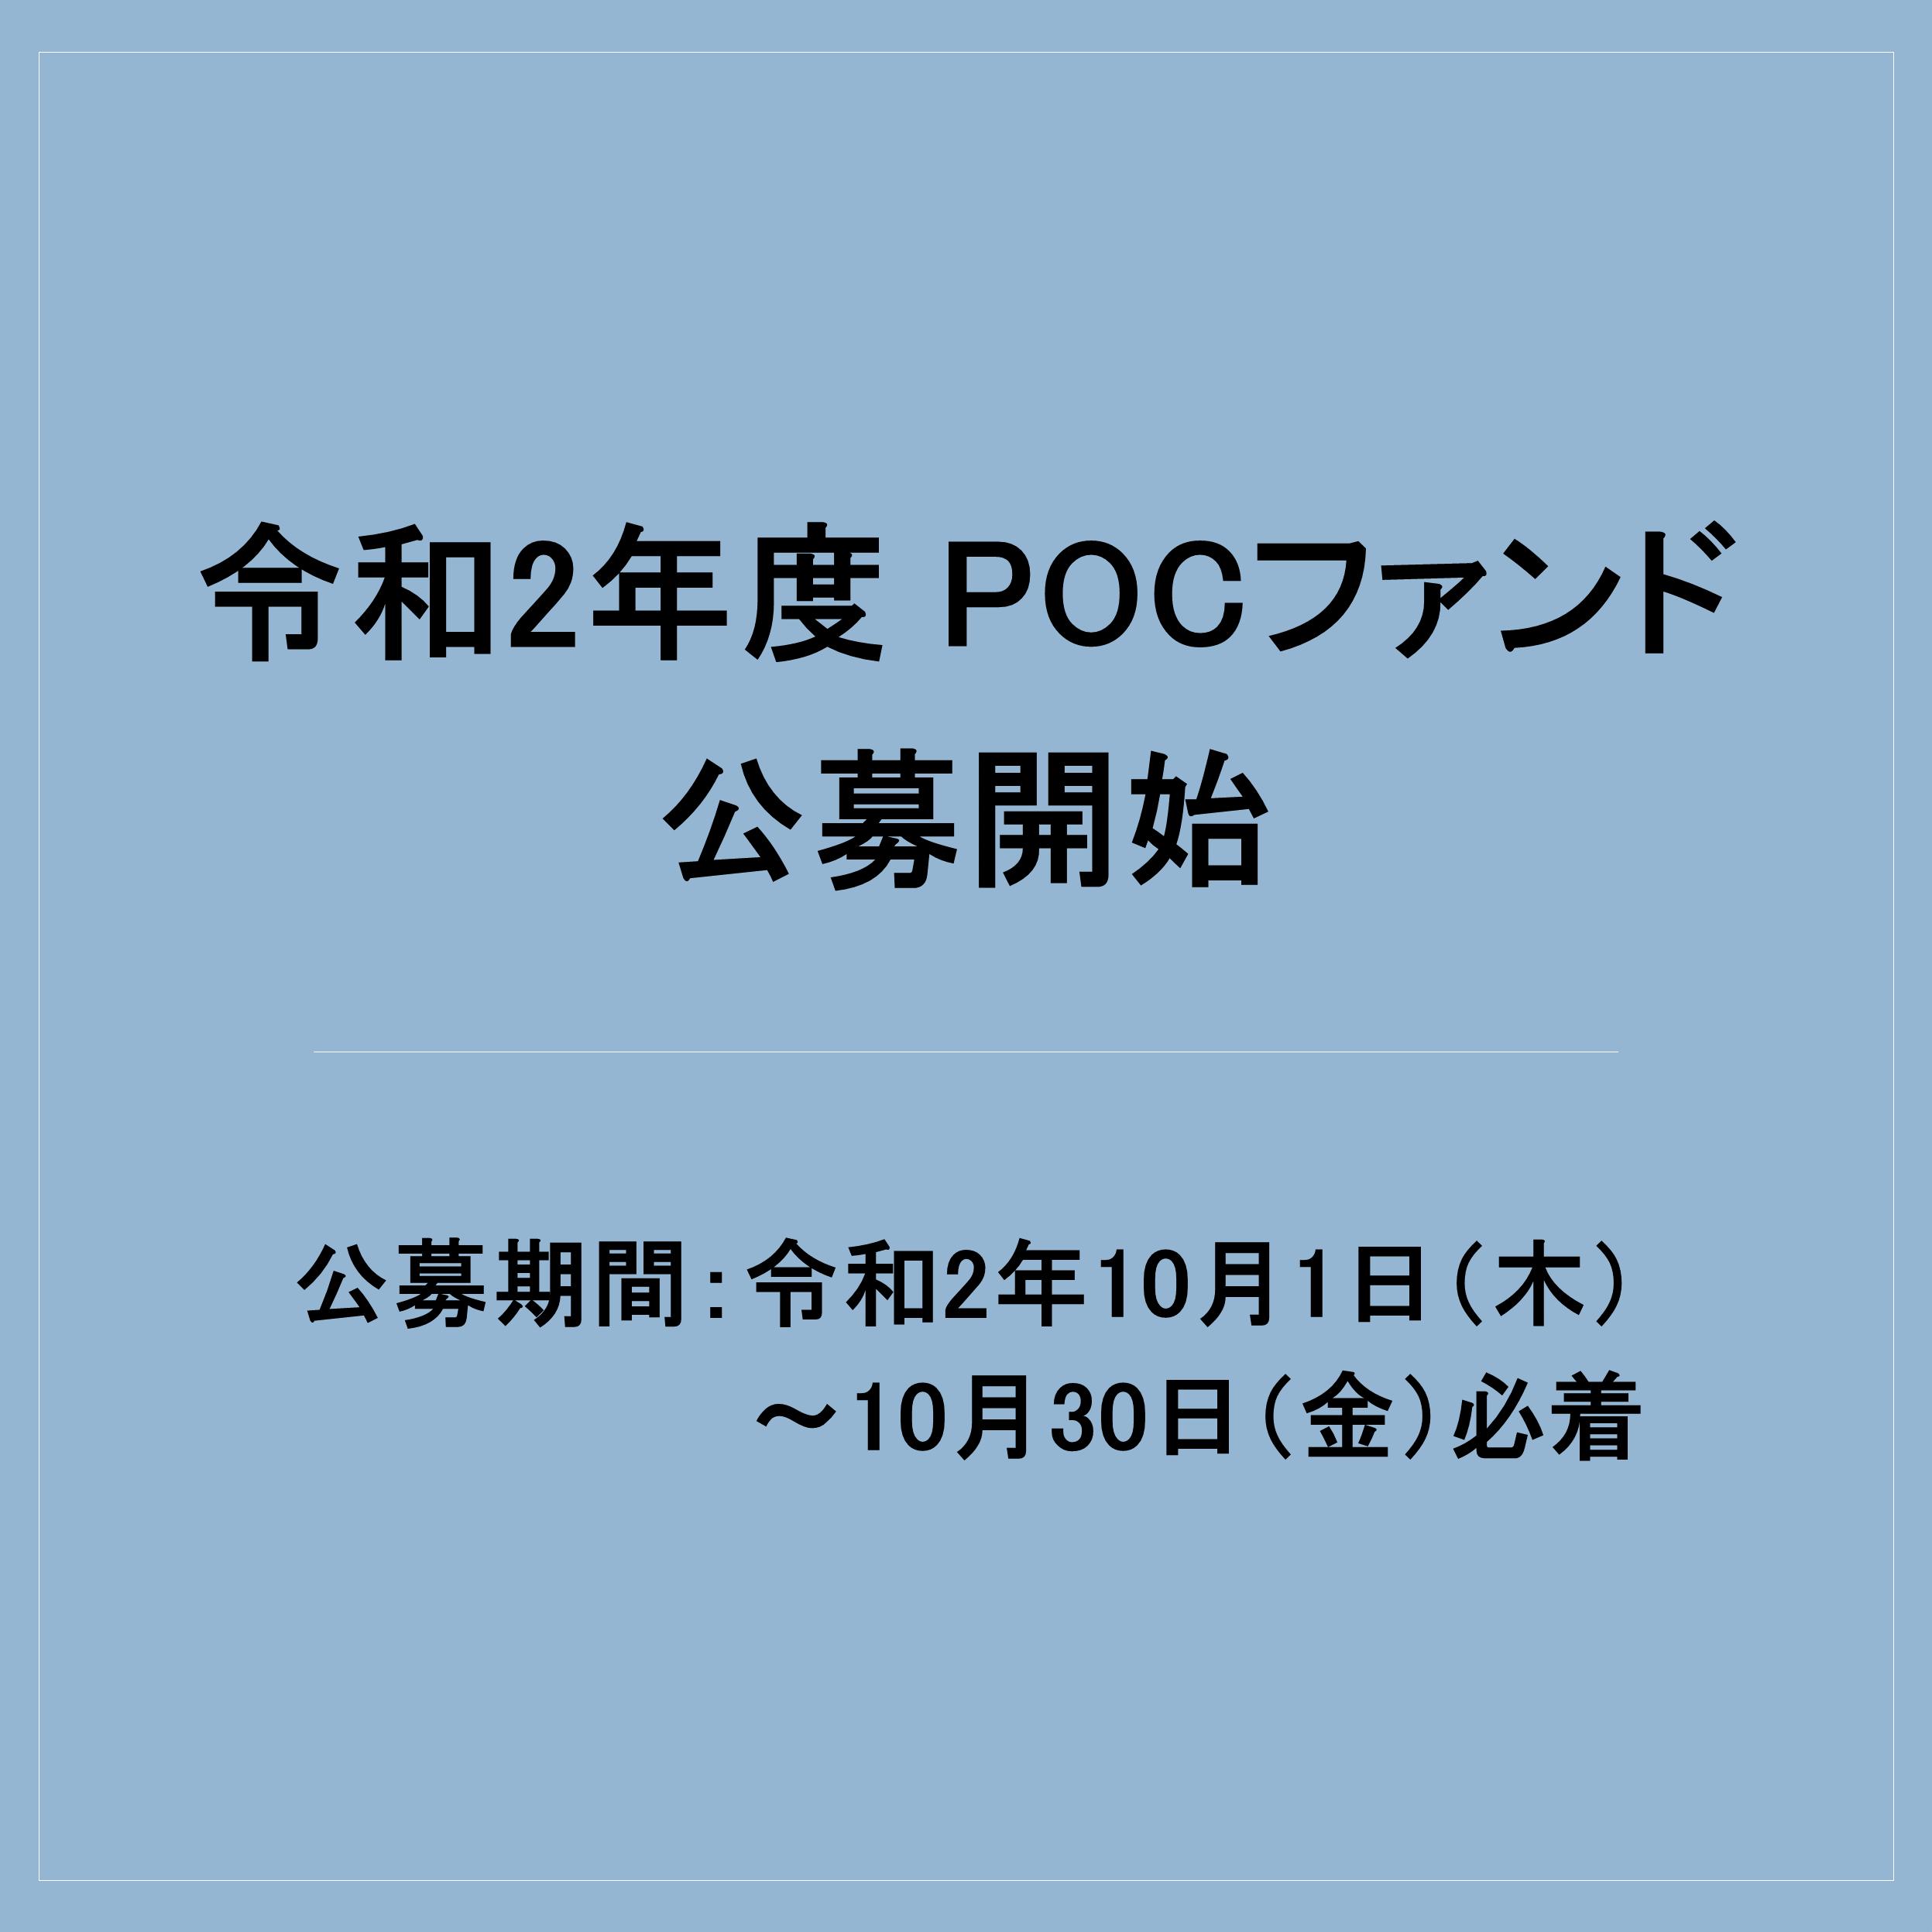 アイキャッチ画像:【公募】令和2年度POCファンド(学内限定)